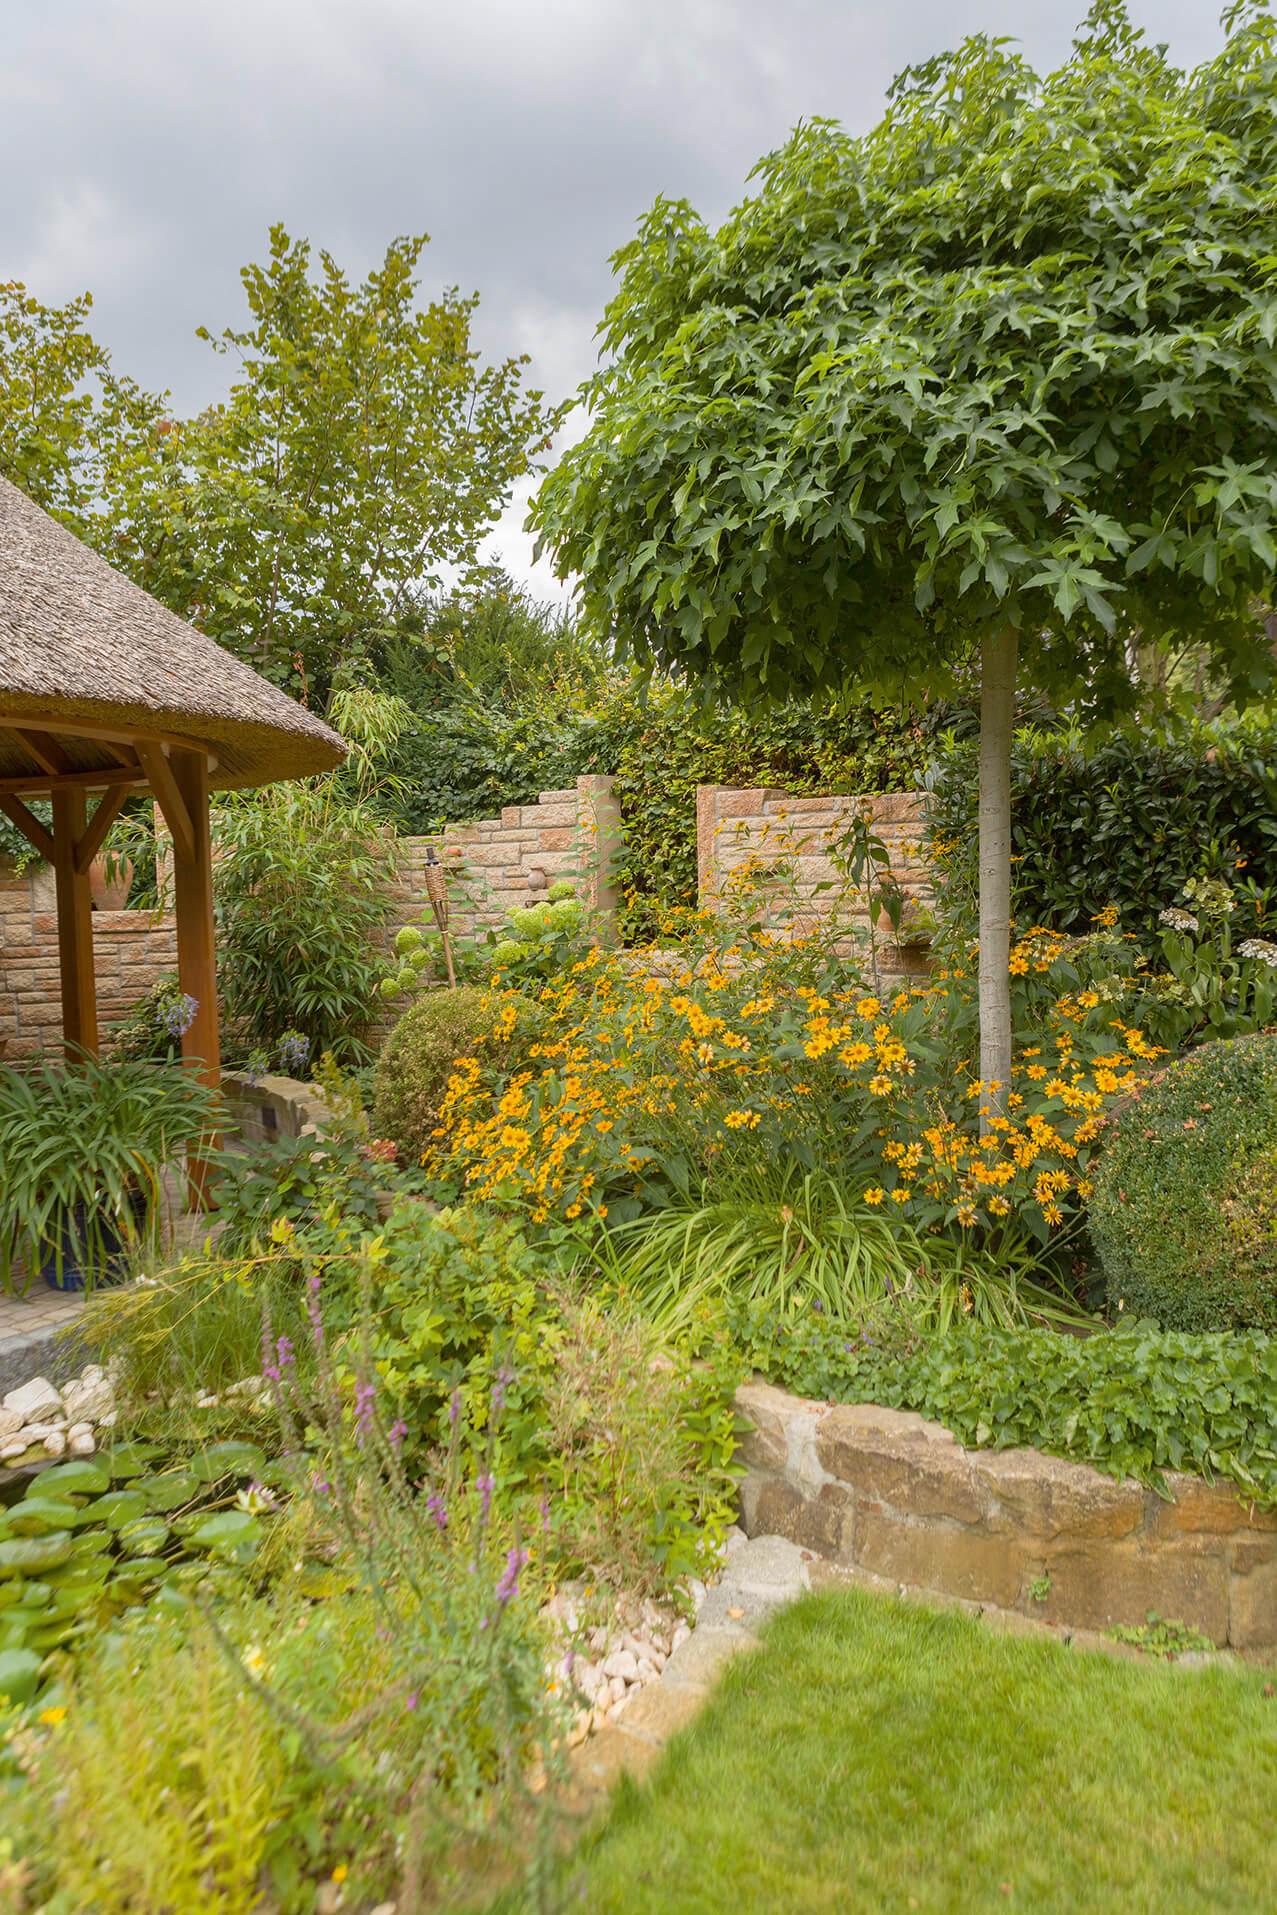 Viele Stauden, Bodendecker und Bäume gestalten den Garten im mediterran-rustikalen Stil mit Pergola und wild aufgesetzter Toskana Mauer.